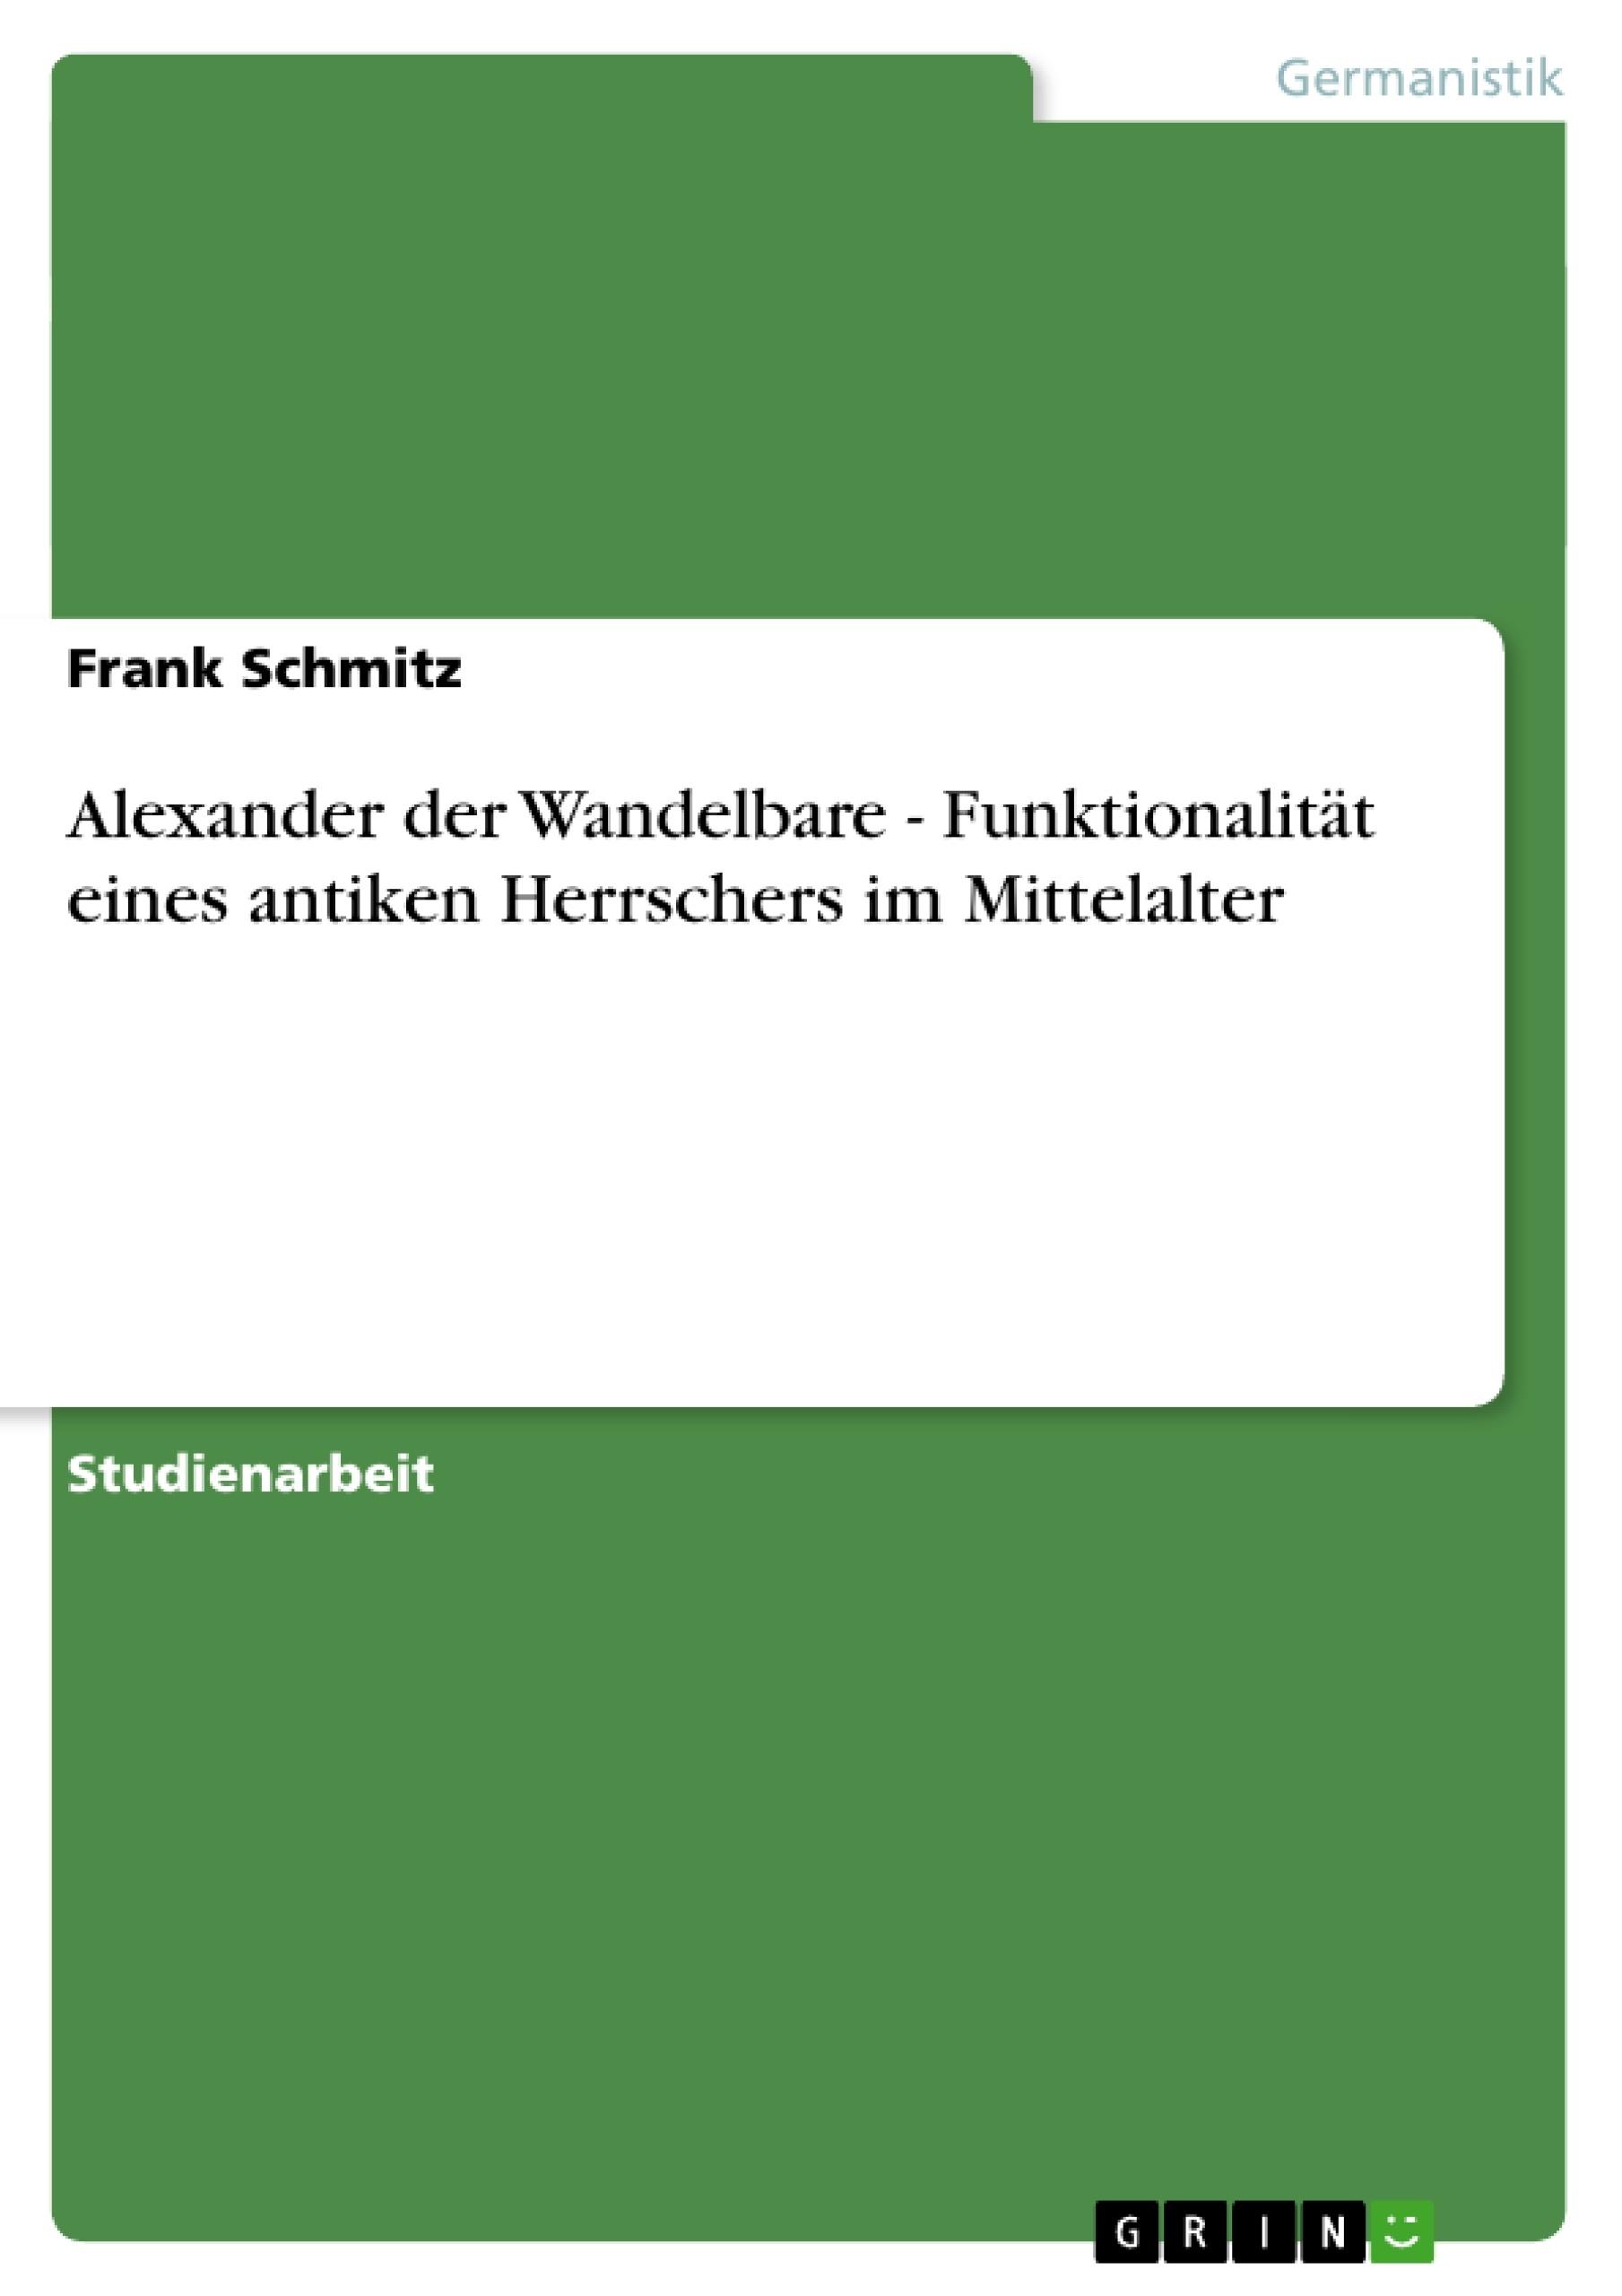 Titel: Alexander der Wandelbare - Funktionalität eines antiken Herrschers im Mittelalter